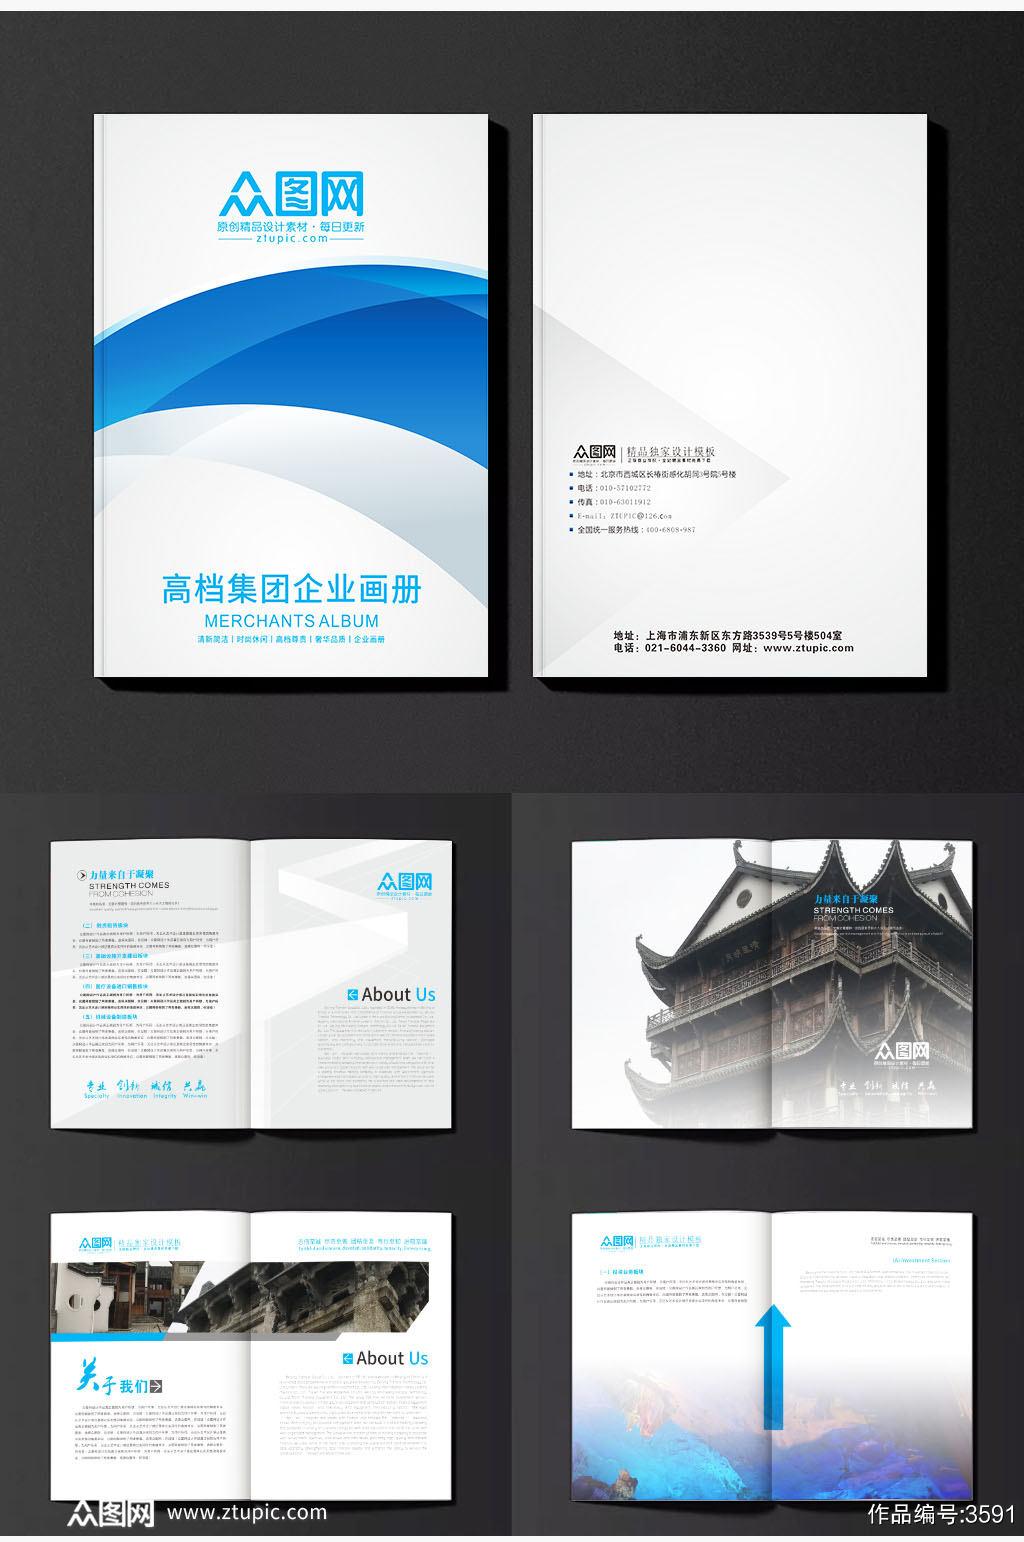 商务蓝色企业画册封面设计素材